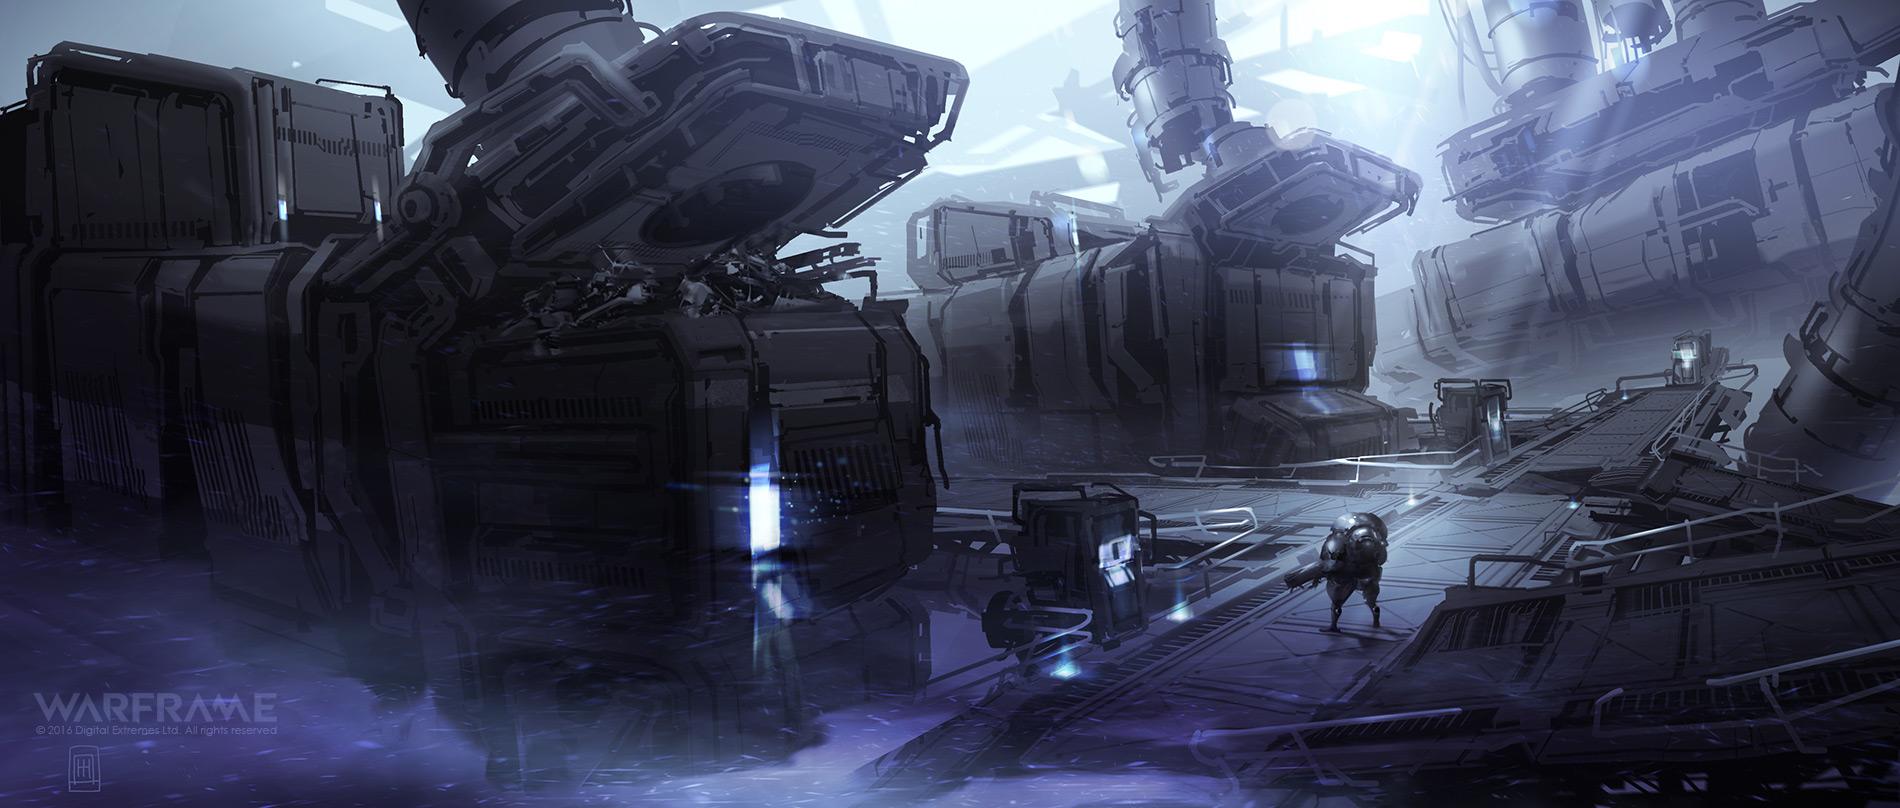 Warframe_Corpus_IcePlanet_Wreckage_T_Depot